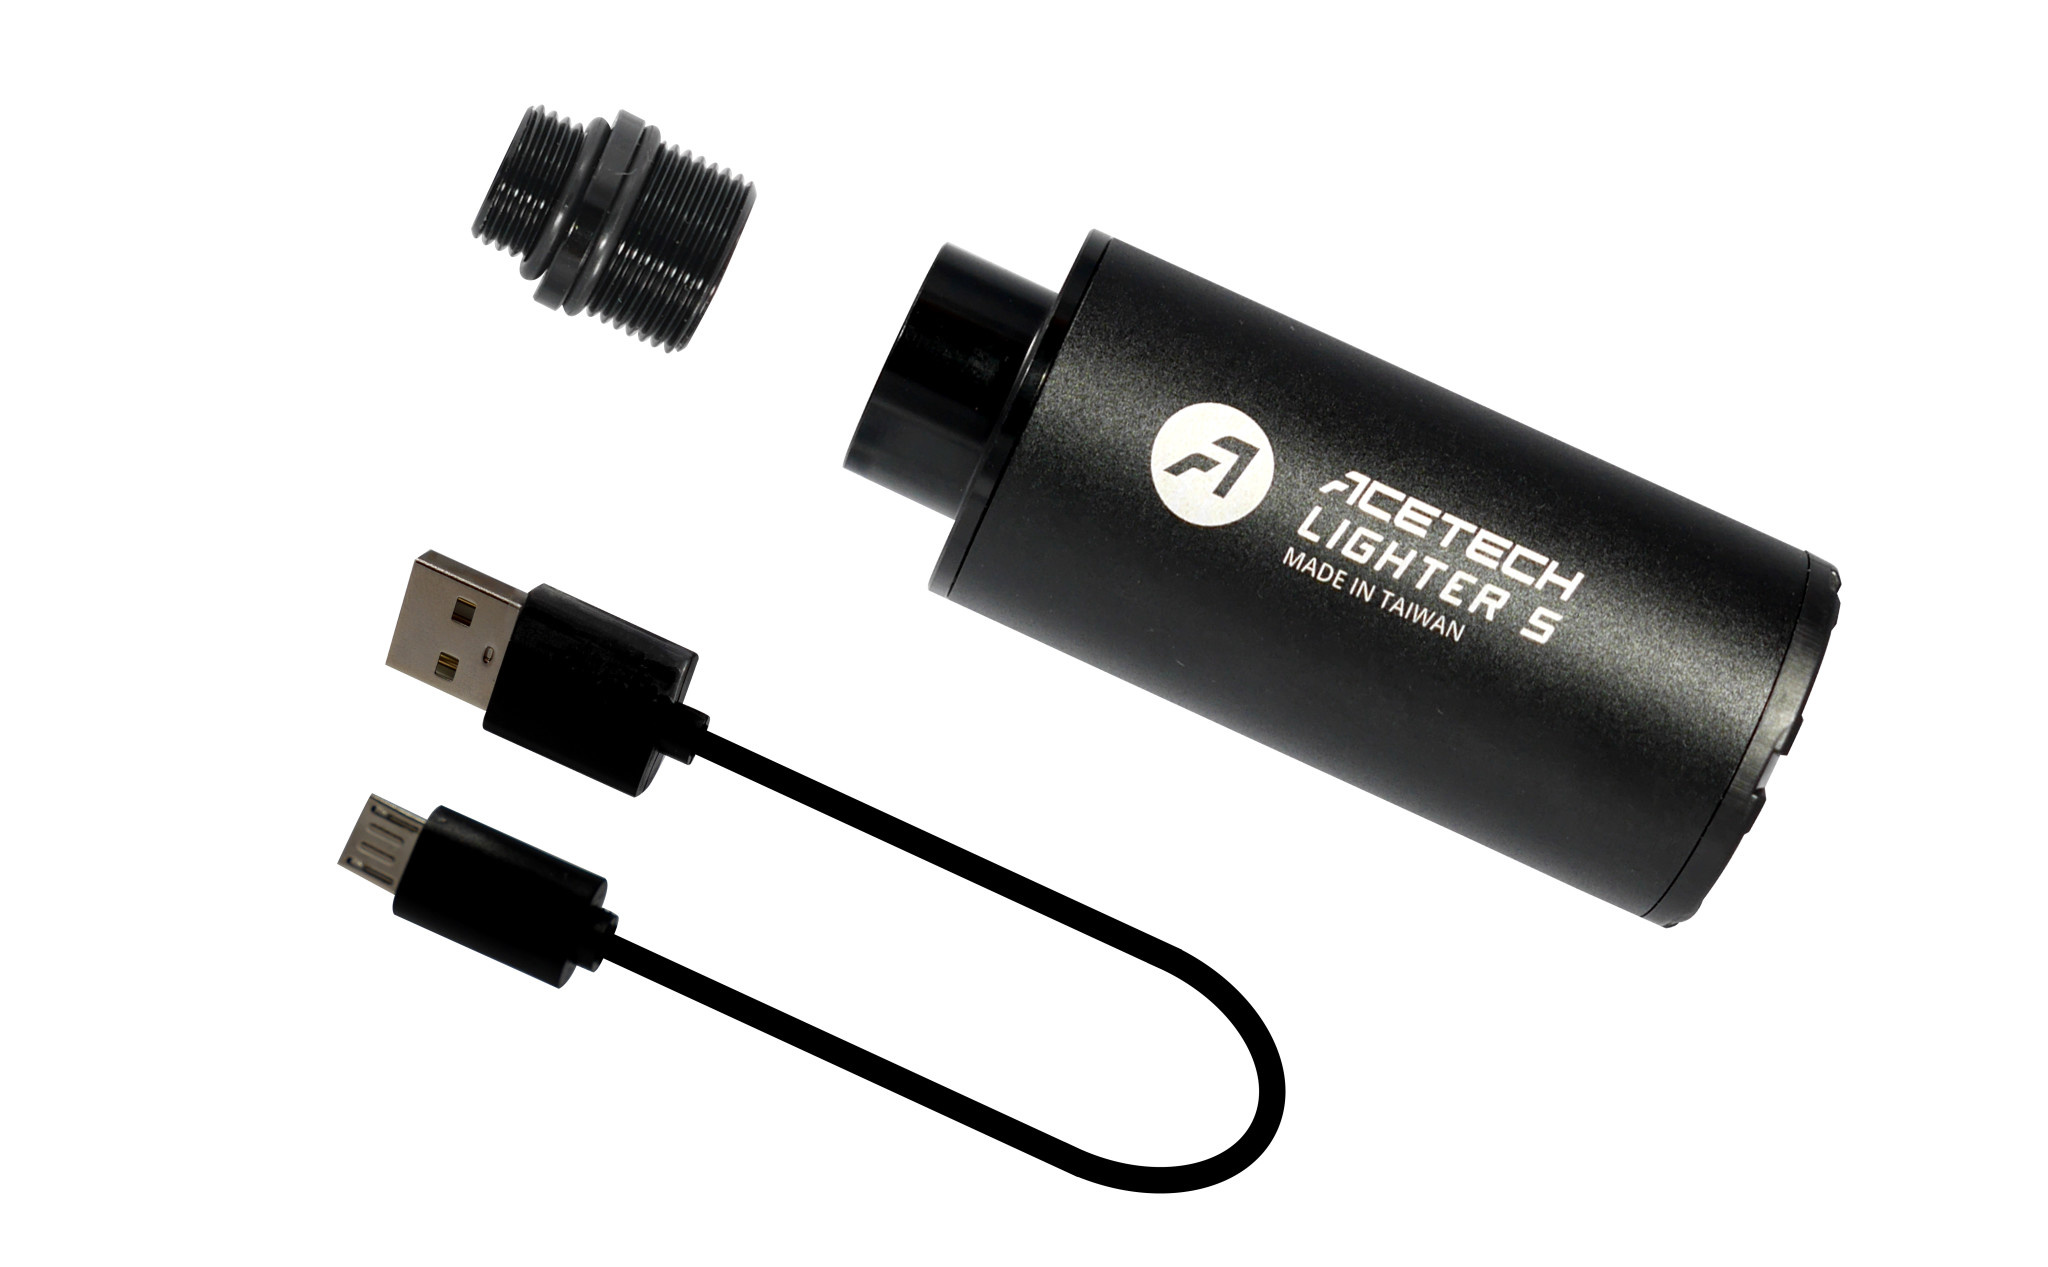 ACETECH Lighter S versie 2 met adapter van 14-11mm